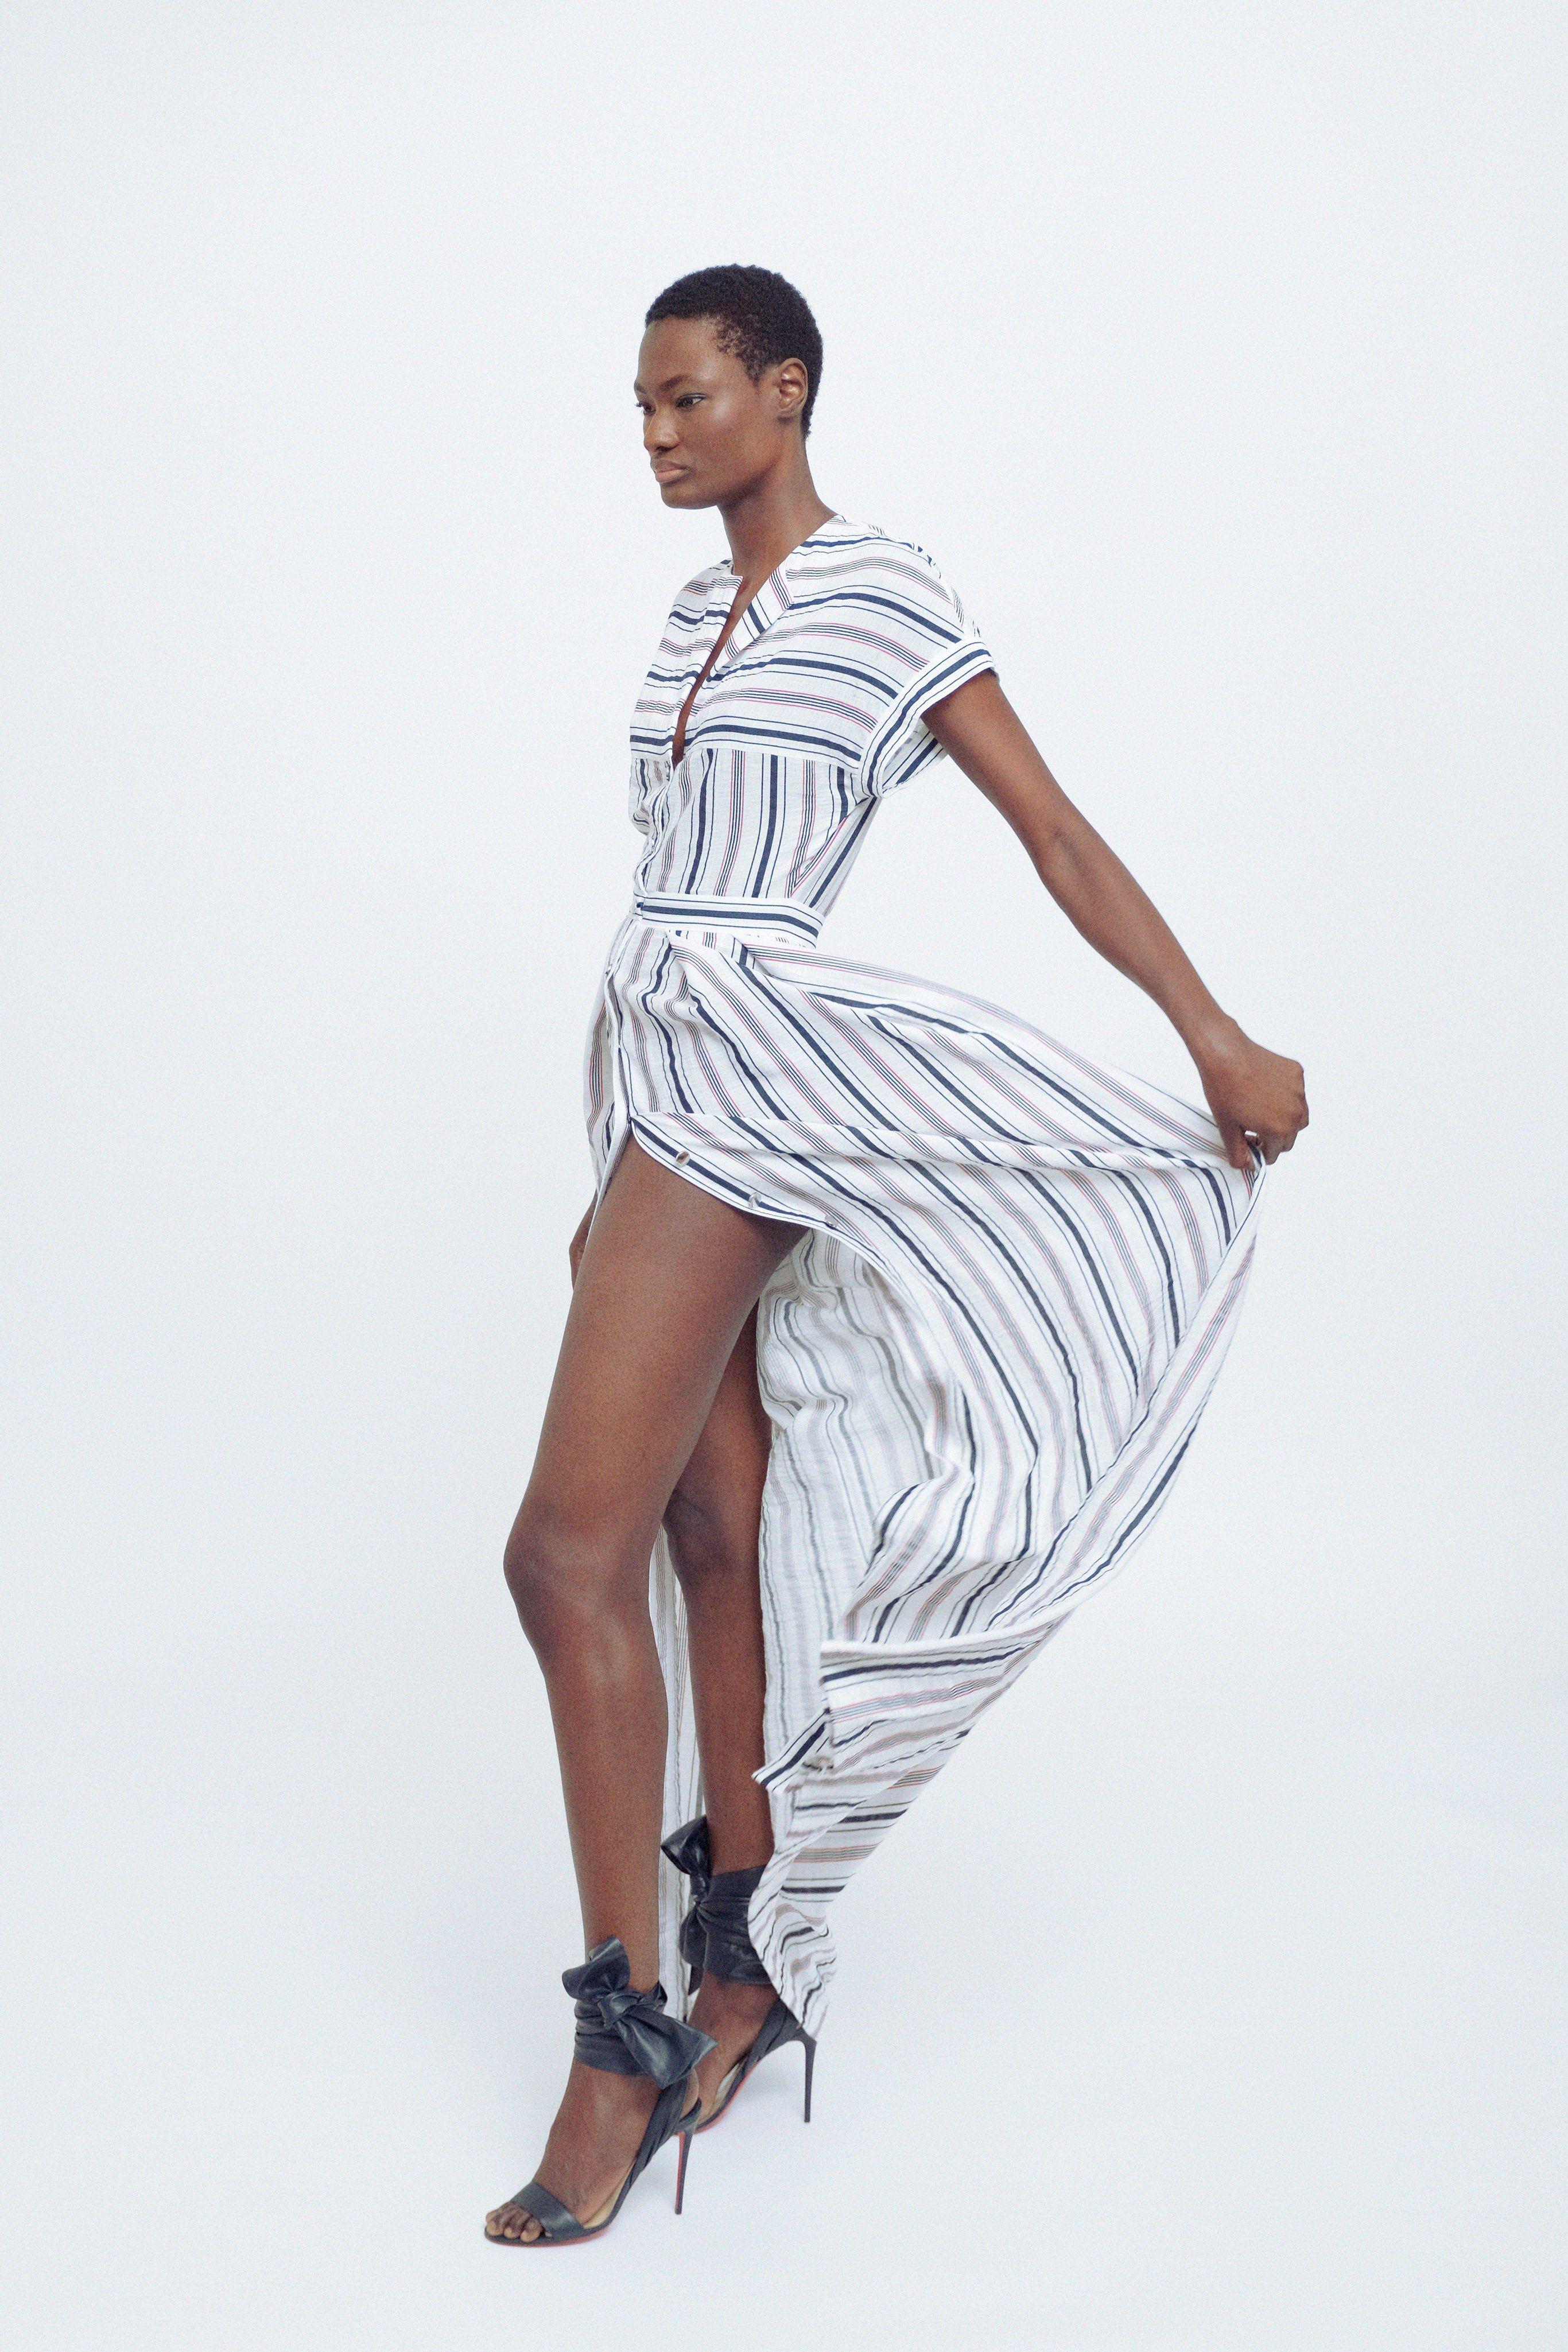 İlkbahar Yaz 2019 Moda Trend: Etekler